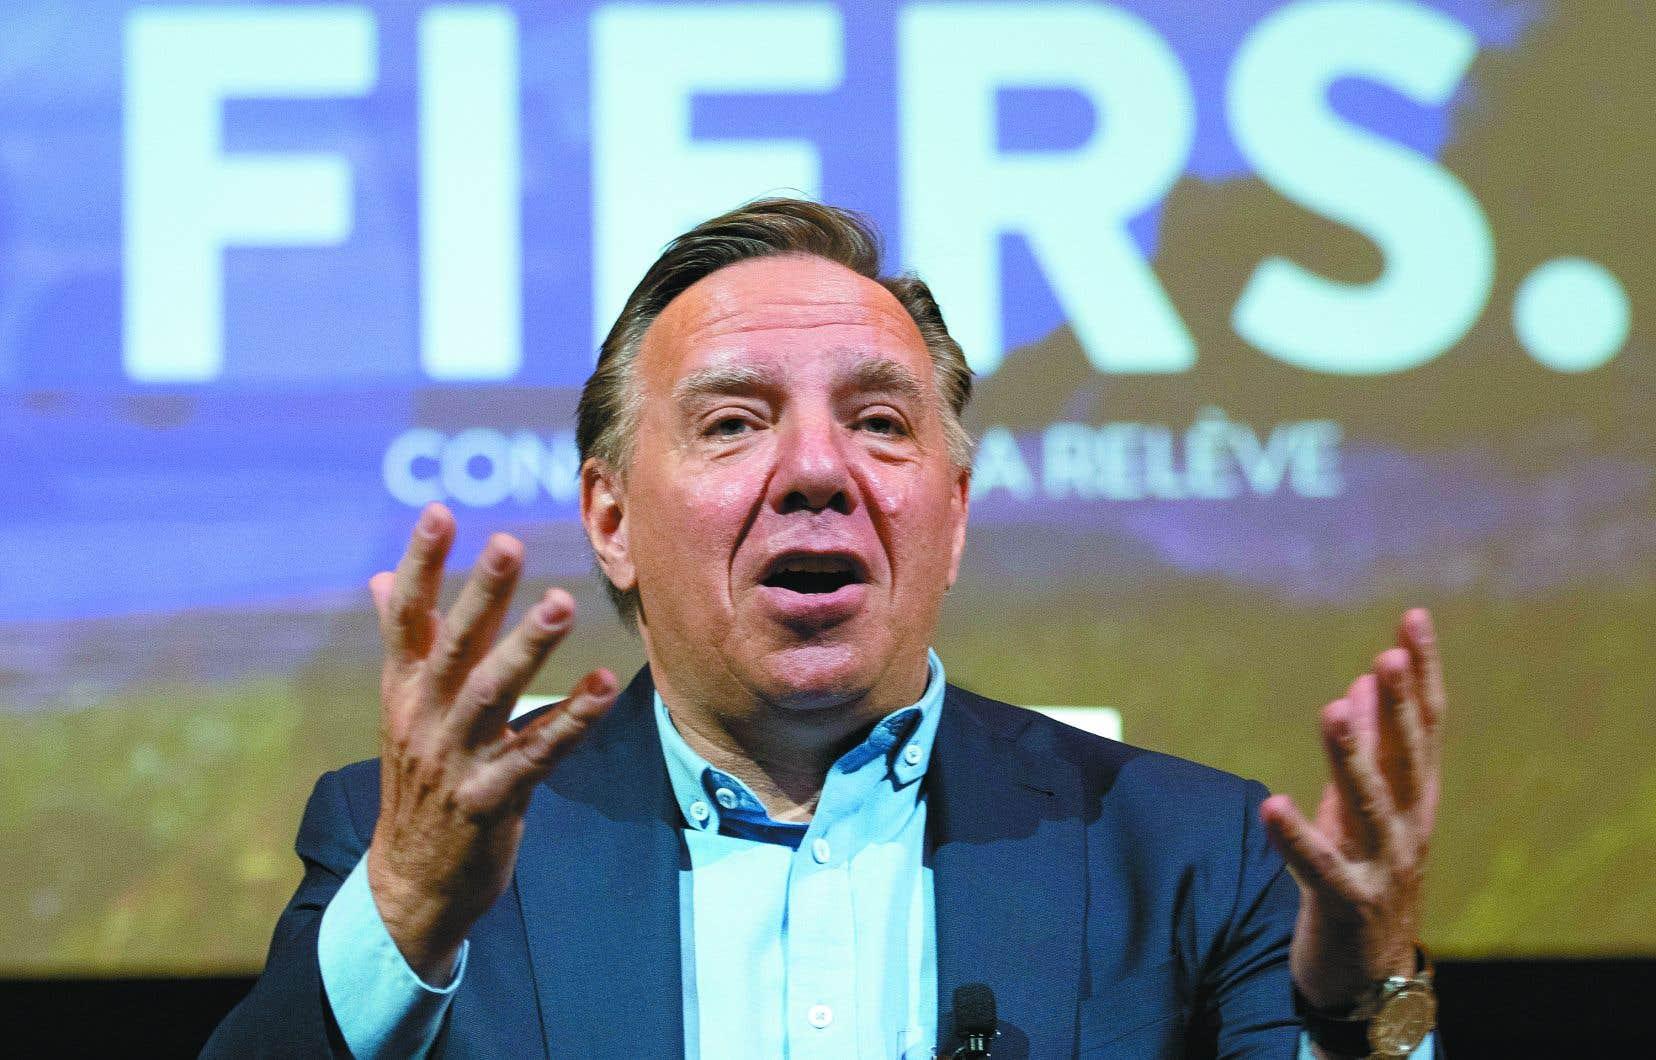 «Ce n'est pas le temps au Québec de se diviser. C'est le temps de défendre notre cohésion sociale», a dit le premier ministre durant son allocution,